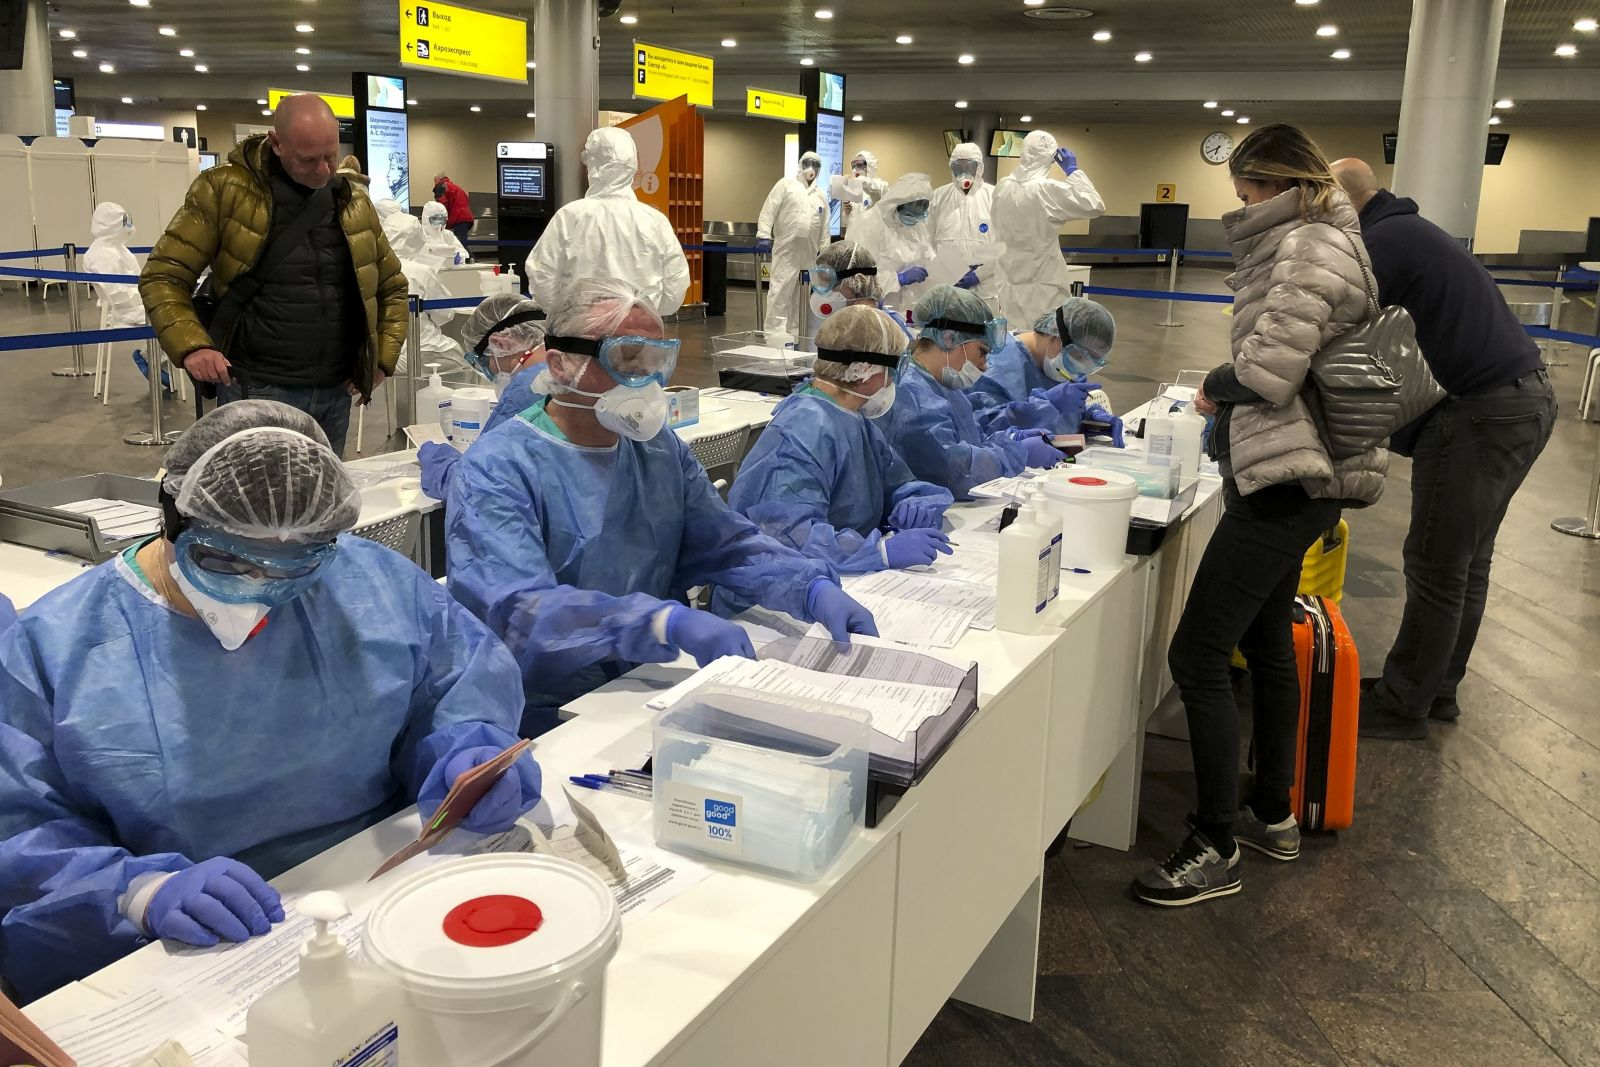 V Seattli bude možné získať domáce testy na koronavírus. Vzniknú s podporou miliardára Billa Gatesa